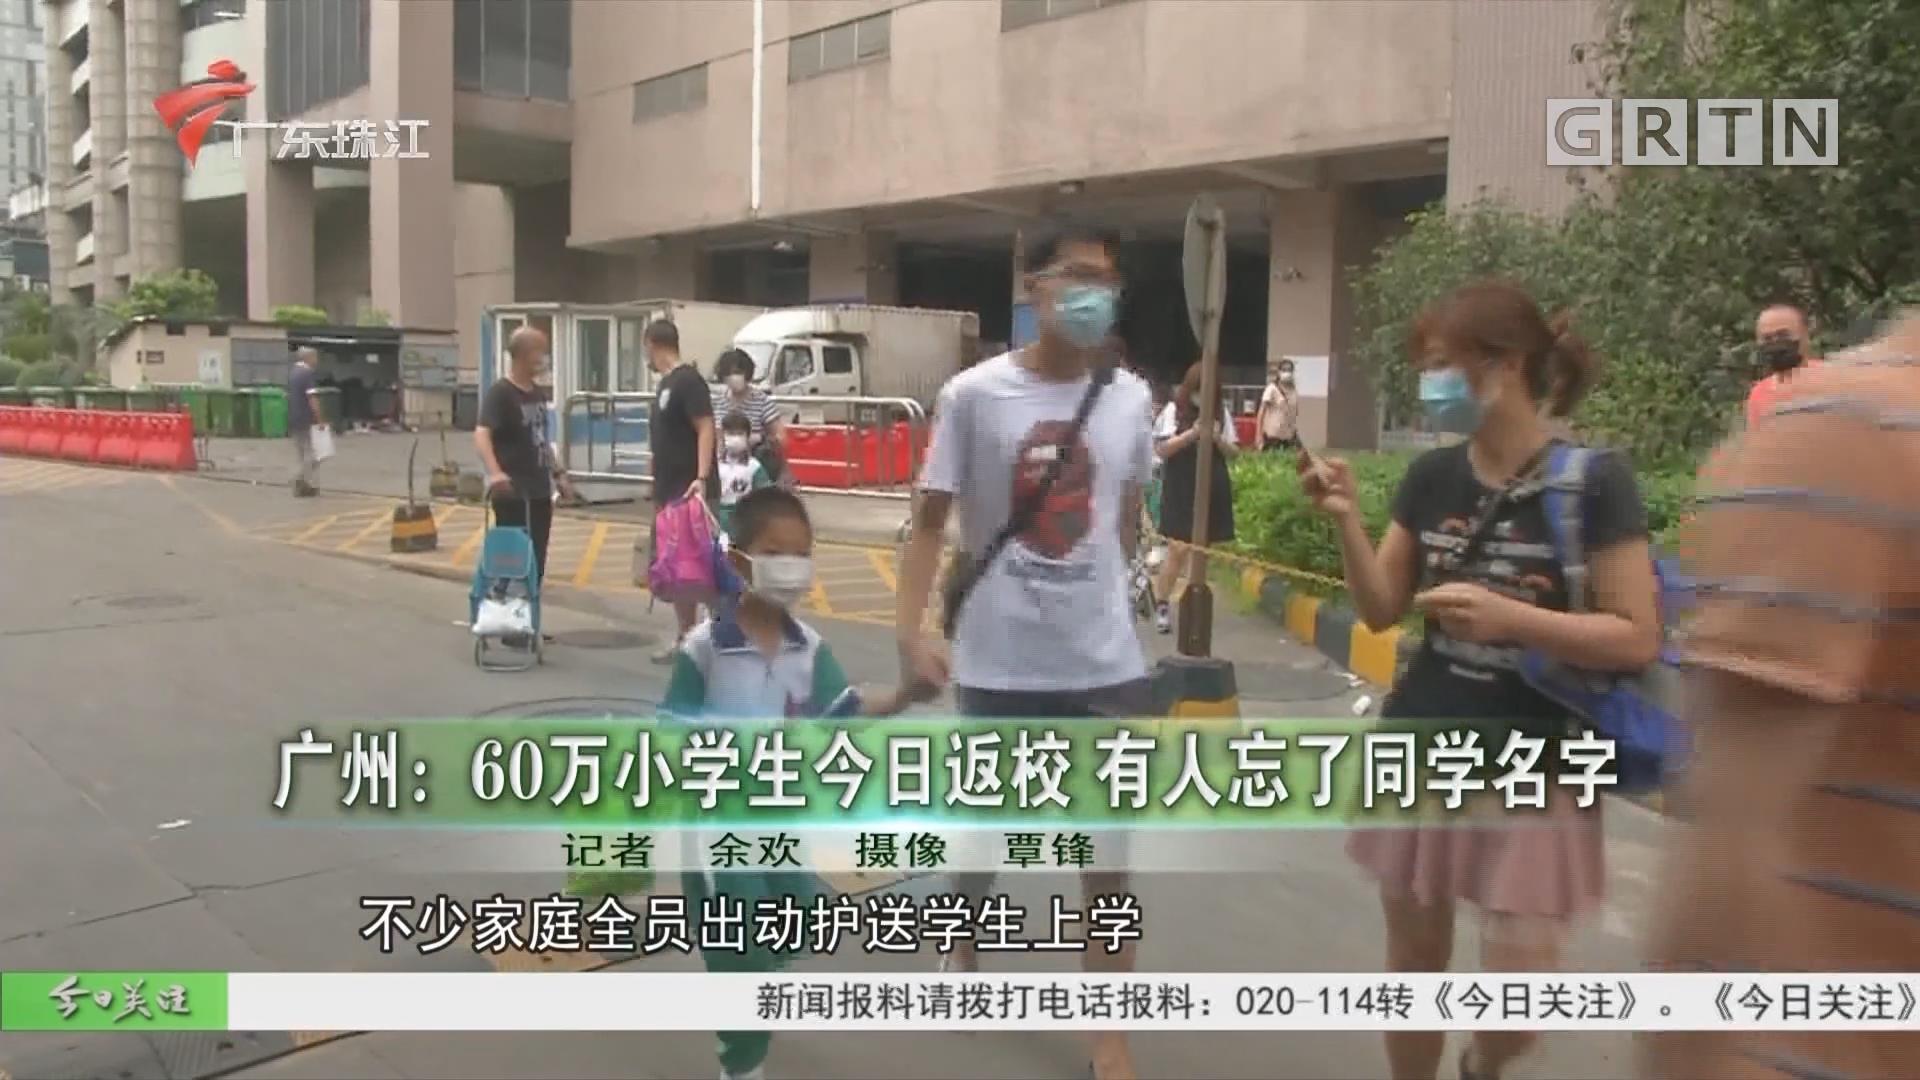 广州:60万小学生今日返校 有人忘了同学名字